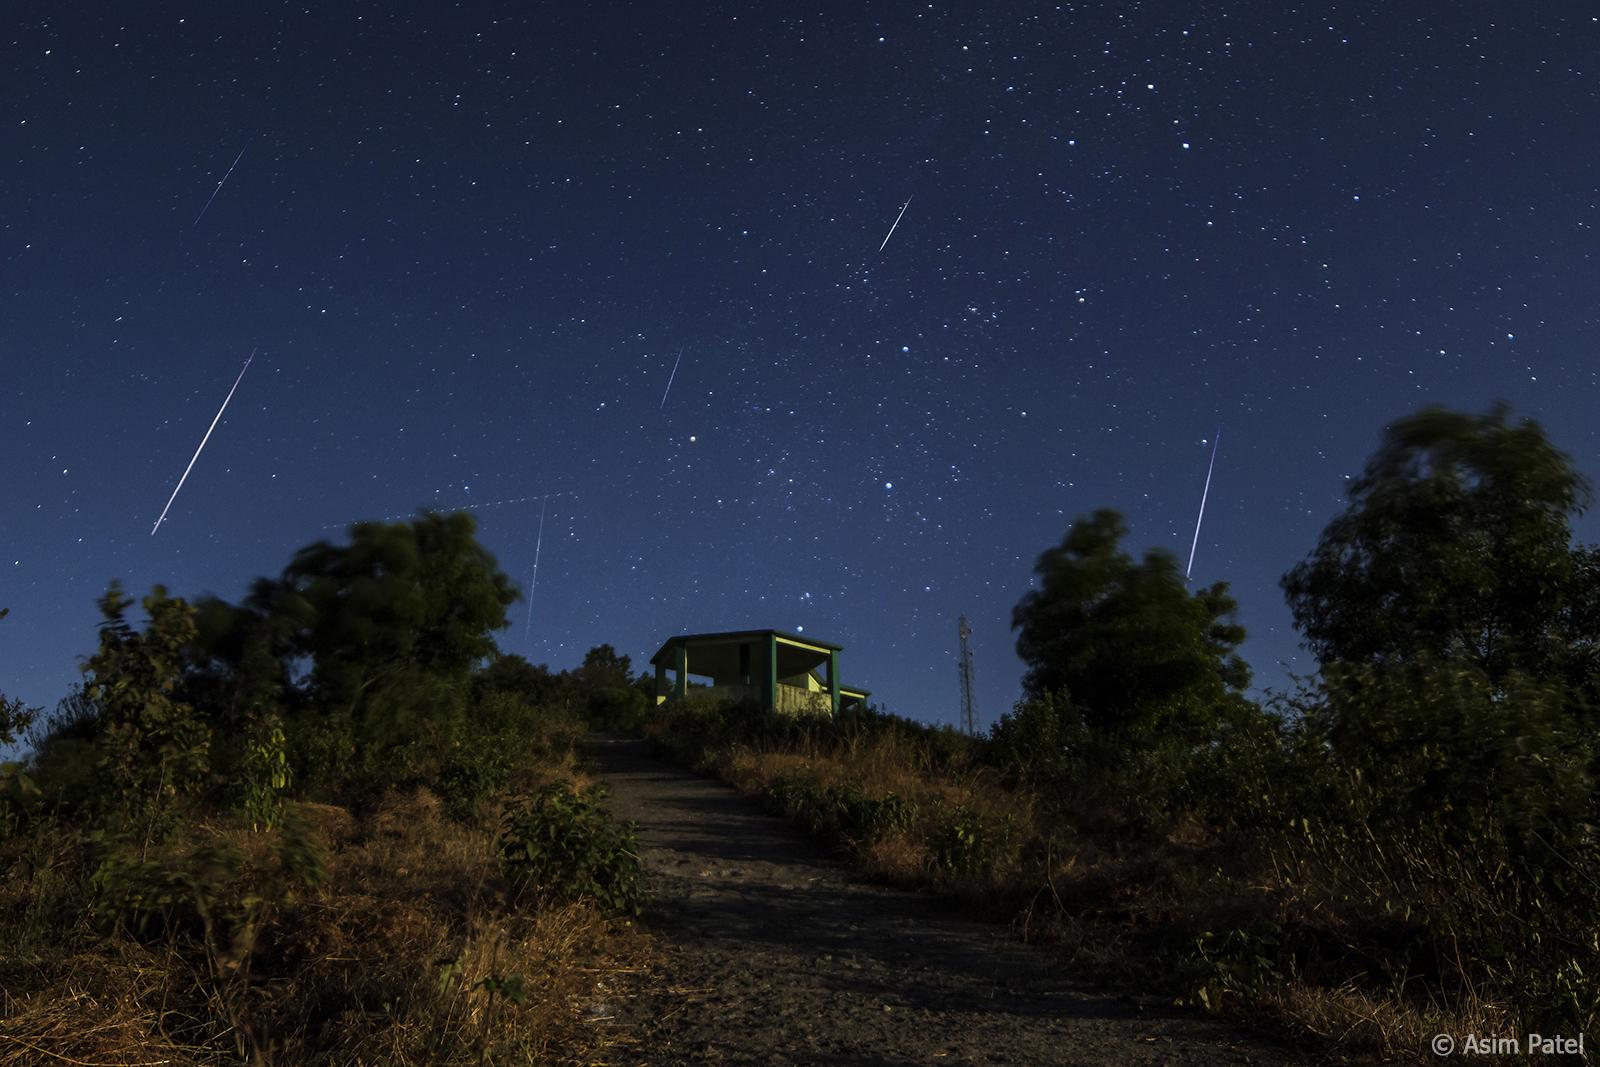 [Geminid meteors]